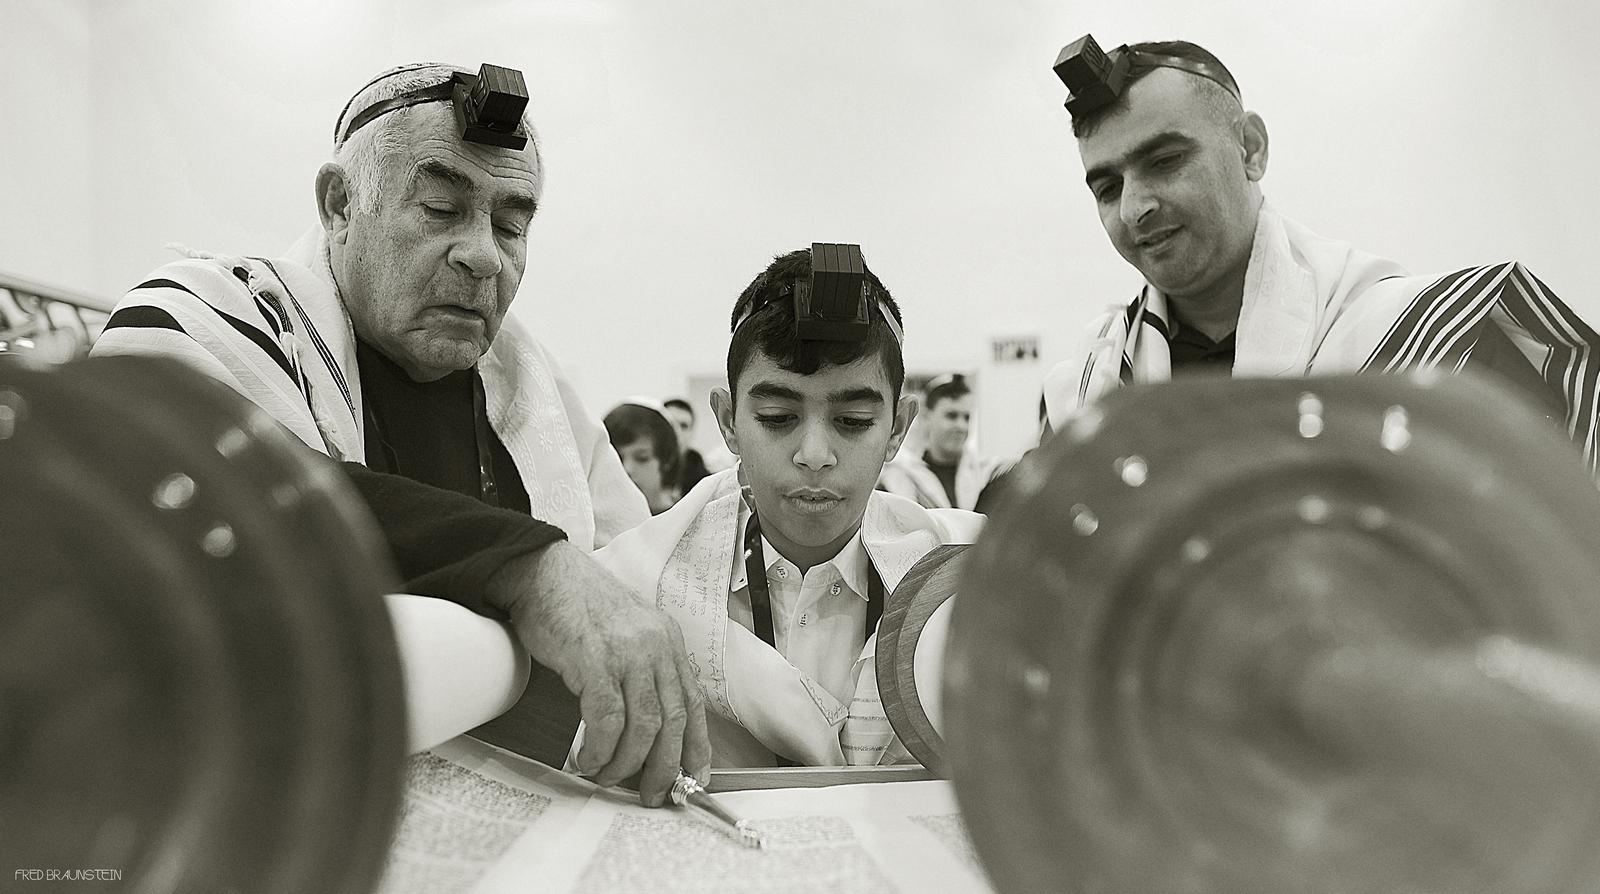 פרד בראונשטיין - צילום בר מצווה